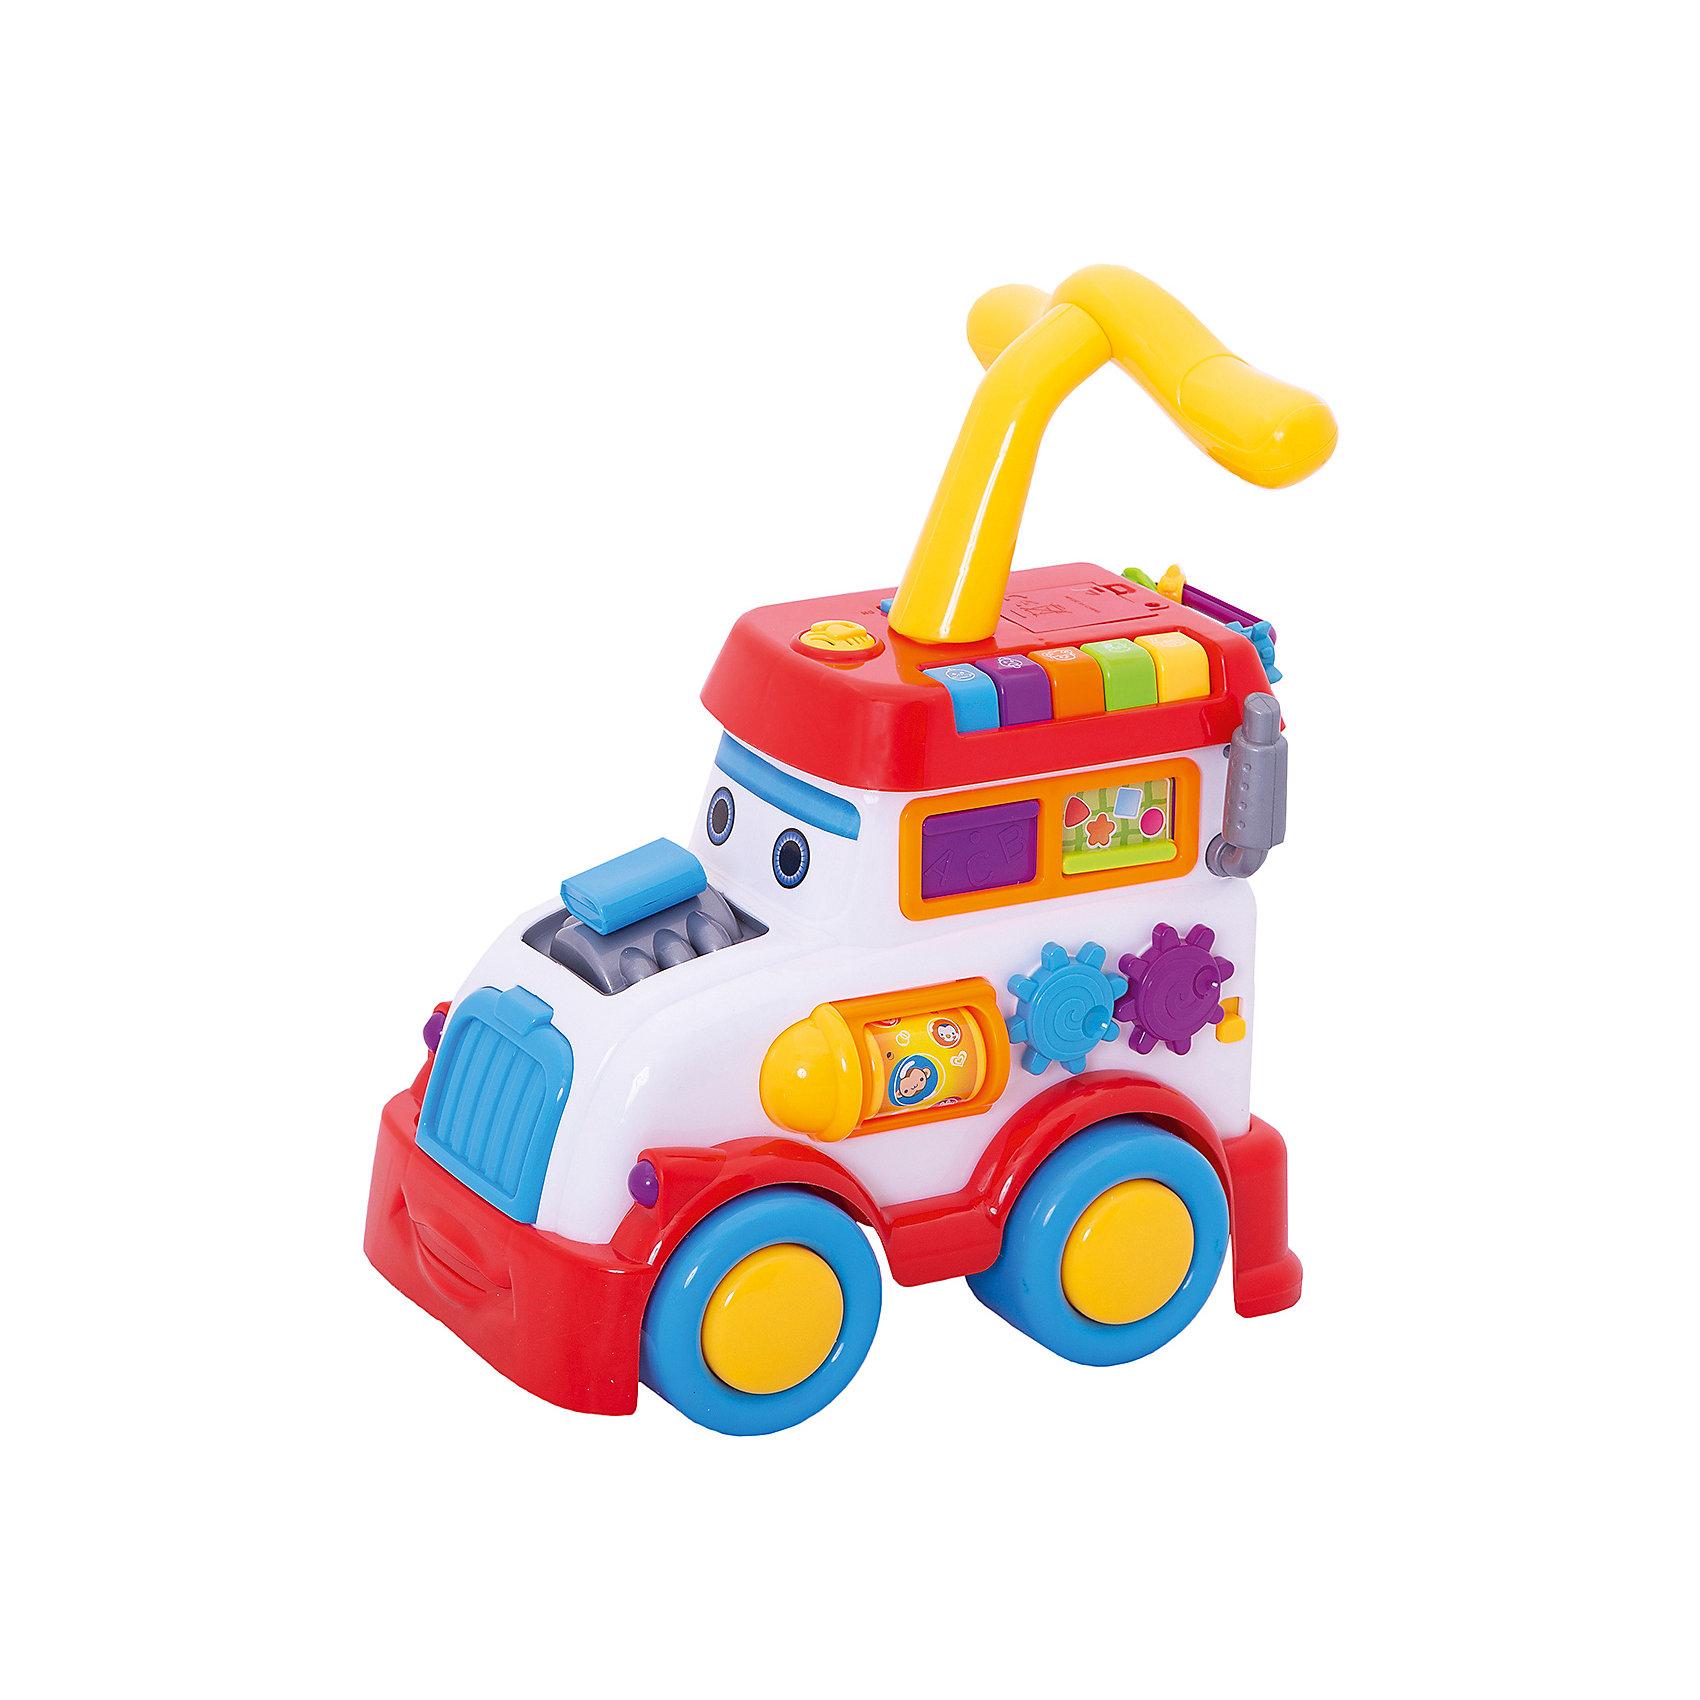 Каталка Паровоз, со звуком, Shantou GepaiИгрушки-каталки<br>Каталка Паровоз, со звуком, Shantou Gepai – это веселый паровозик, с которым так удобно ходить! Ребенок может опираться на удобную ручку паровозика и передвигаться вместе с ним. Этот многофункциональный паровозик имеет много цветных кнопочек, которые издают звуки наиболее популярных видов транспорта (машин, вертолета, паровоза) и звуки зверей (уточки, курочки, коровки, собачки), а вместо пара у паровозика разноцветные маленькие шарики. С этой каталкой малыш сможет развить навыки координации движения и навыки управления.<br><br>Дополнительная информация:<br><br>- В комплект входит: 1 каталка<br>- Материал: АБС пластик<br>- Размер: 43 * 25 * 30 см<br>- Необходимы четыре батарейки типа АА (не входят в комплект)<br><br>Каталку Паровоз, со звуком, Shantou Gepai можно купить в нашем интернет-магазине.<br><br>Подробнее:<br>• Для детей в возрасте: от 3 лет<br>• Номер товара: 4925515<br>Страна производитель: Китай<br><br>Ширина мм: 425<br>Глубина мм: 250<br>Высота мм: 295<br>Вес г: 3806<br>Возраст от месяцев: 12<br>Возраст до месяцев: 60<br>Пол: Унисекс<br>Возраст: Детский<br>SKU: 4925515